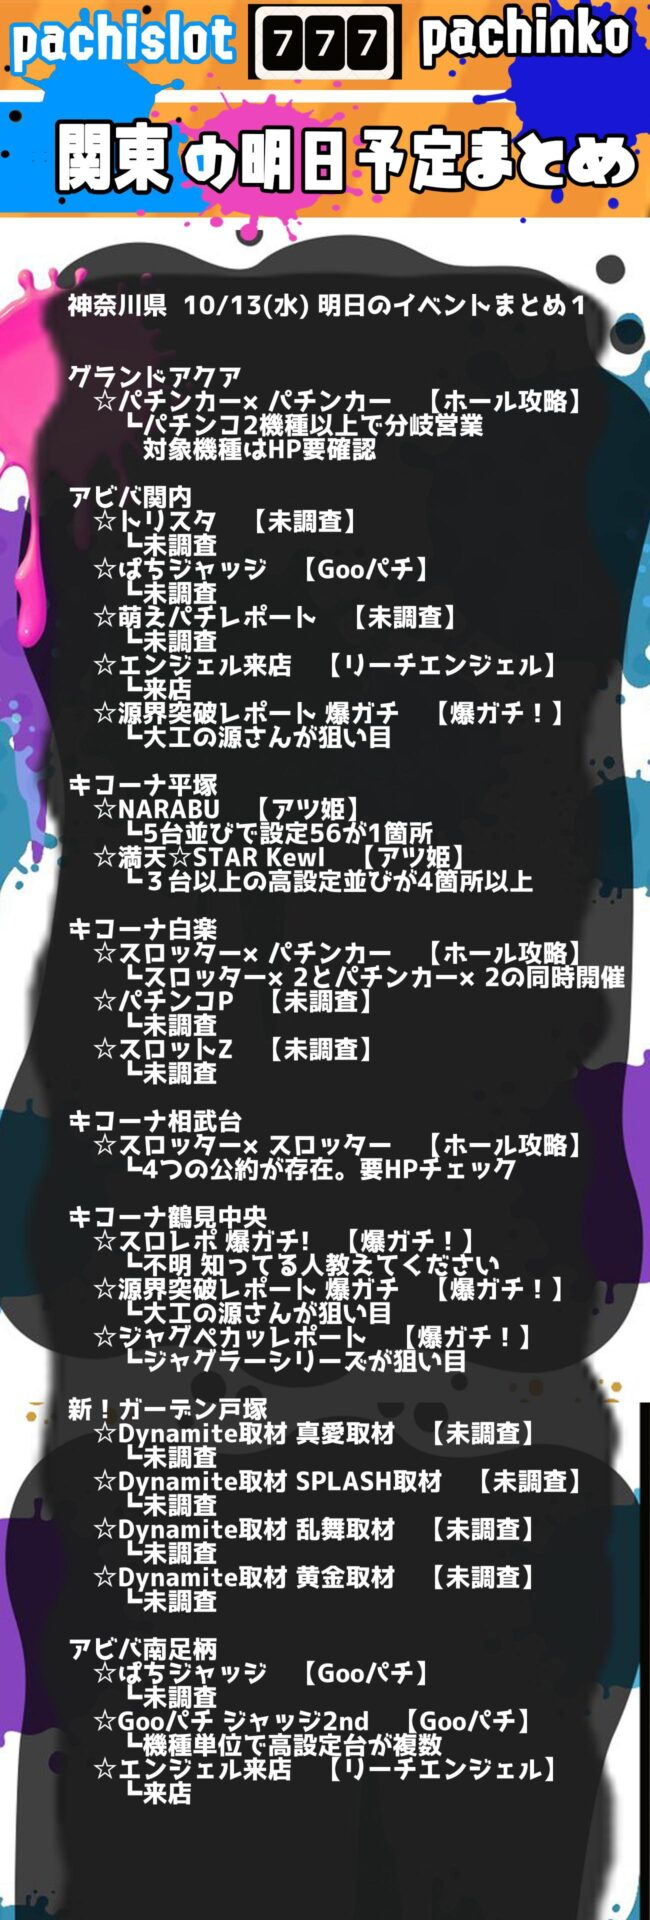 神奈川県_2021-10-13_パチンコ・パチスロ_イベント